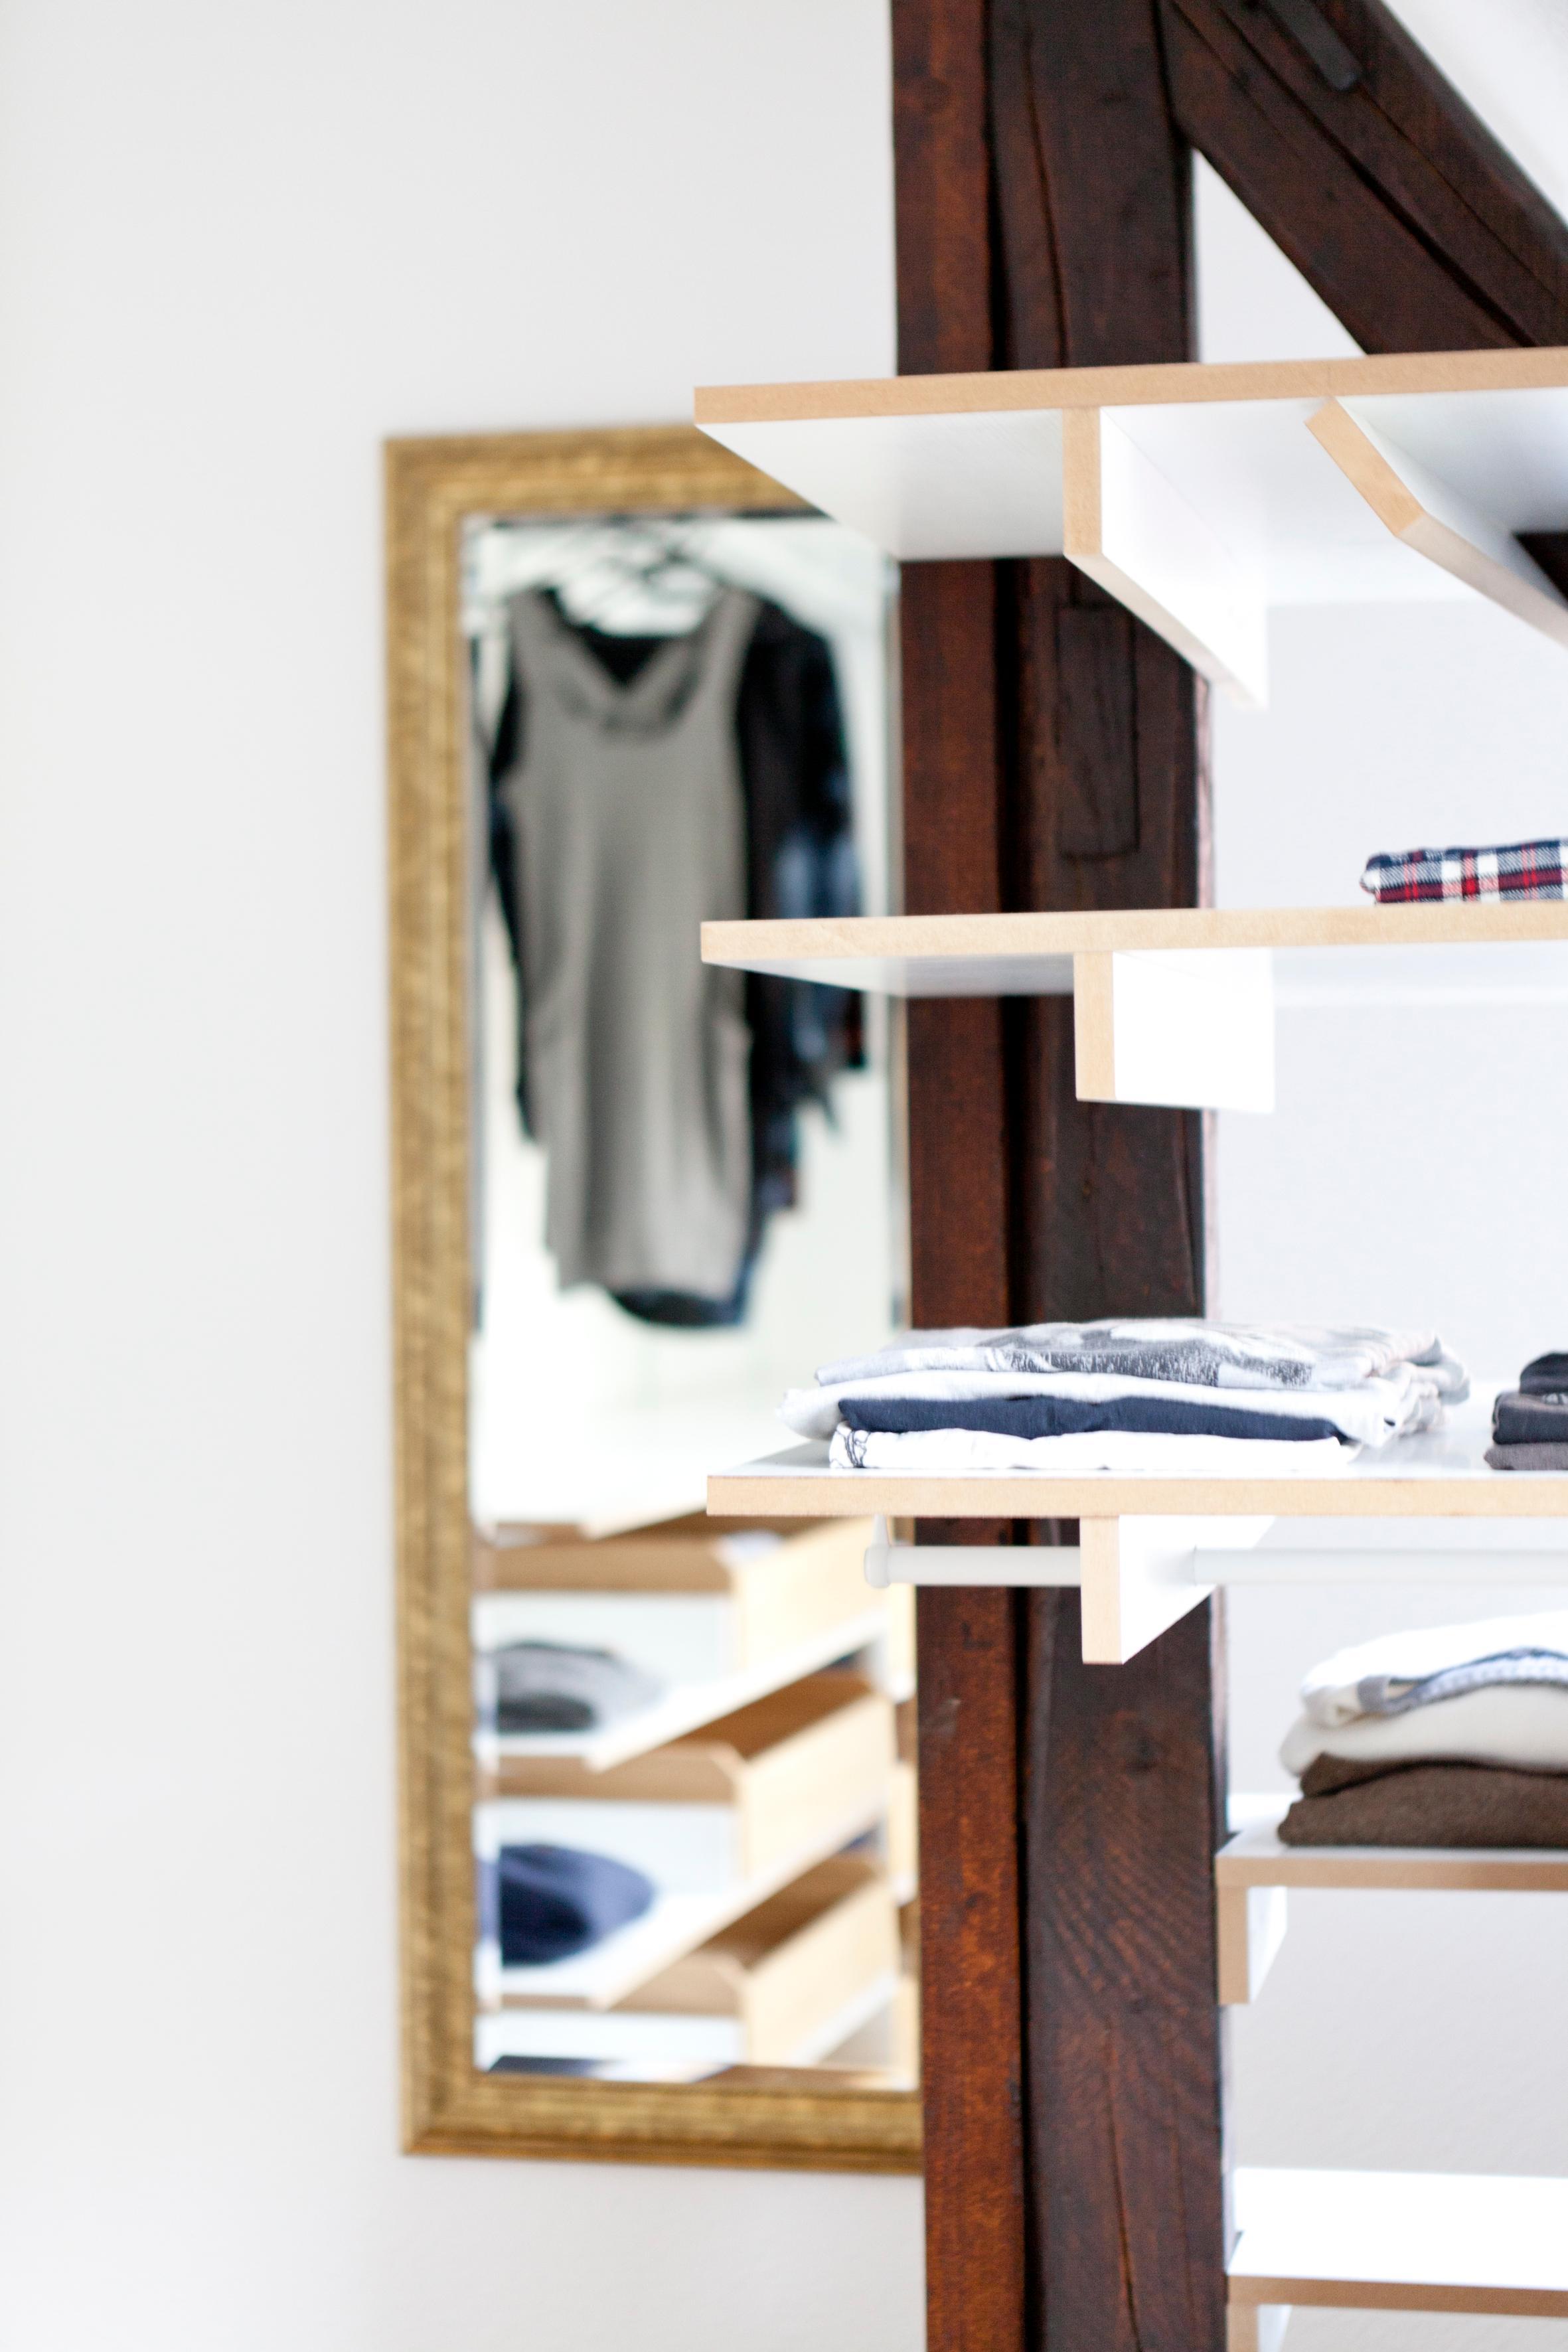 Kleideraufbewahrung bilder ideen couchstyle - Kleiderablage ideen ...